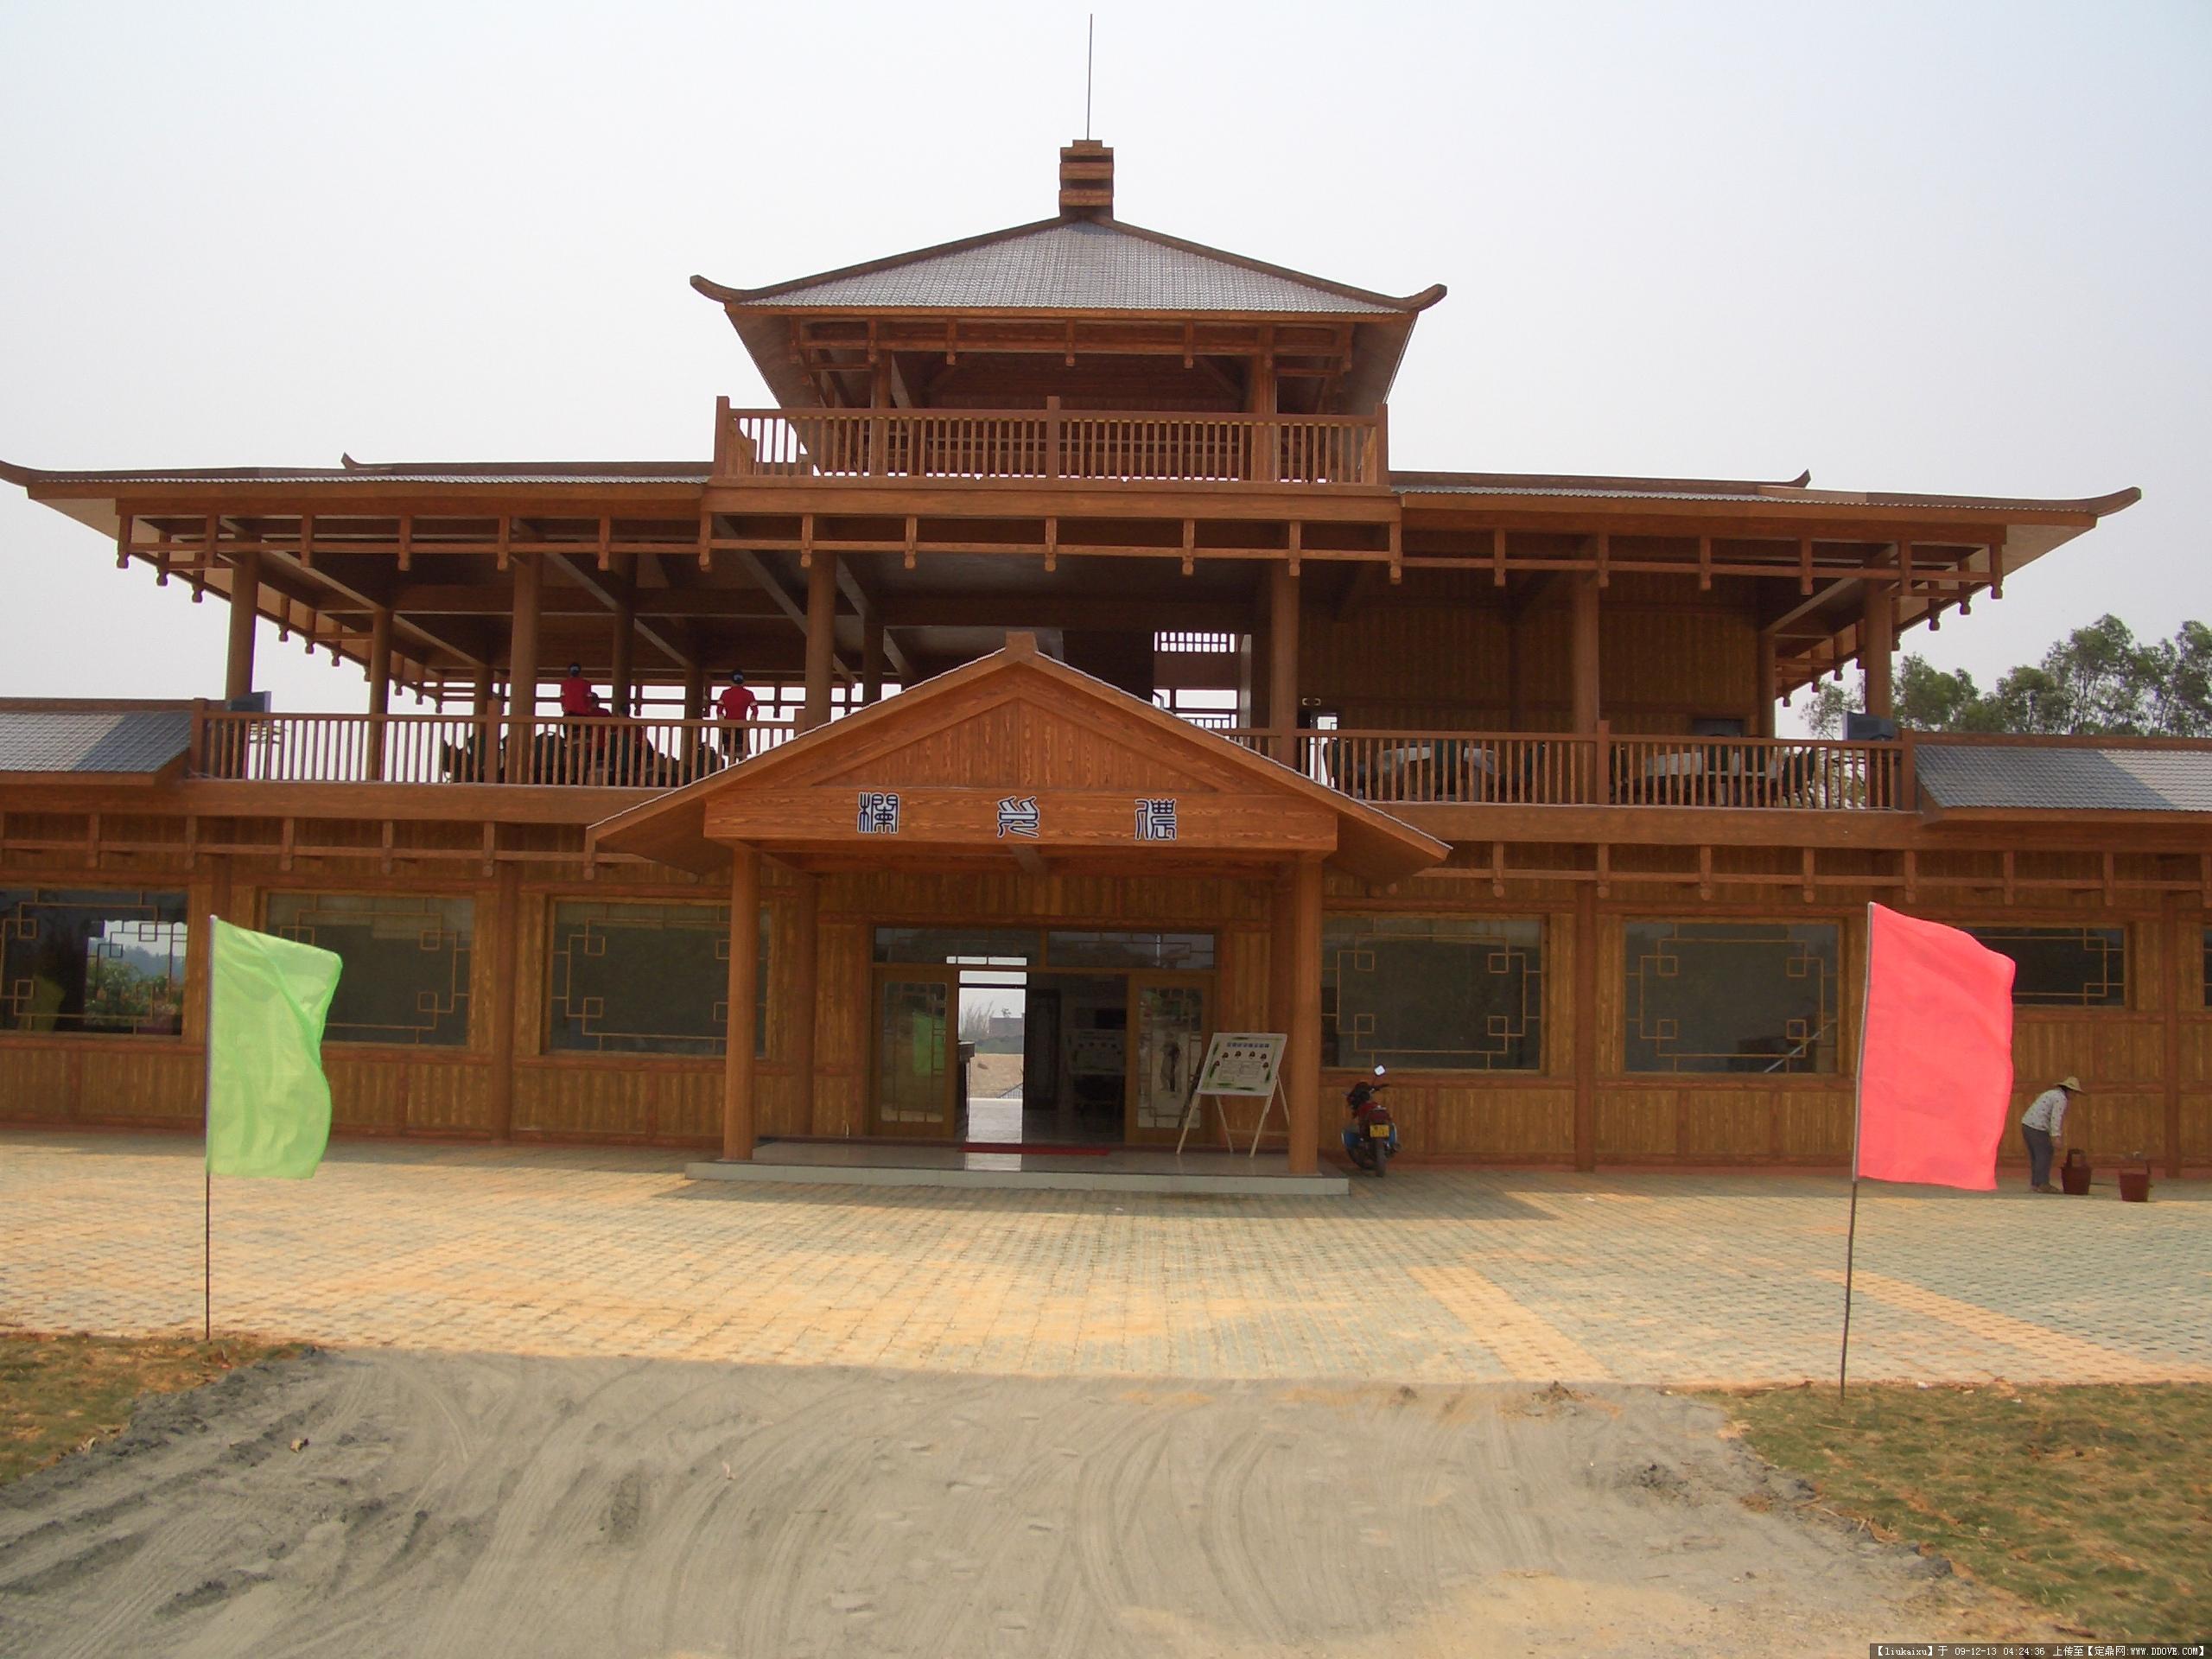 中国特色建筑有哪些_中国民族特色的建筑有哪些?-